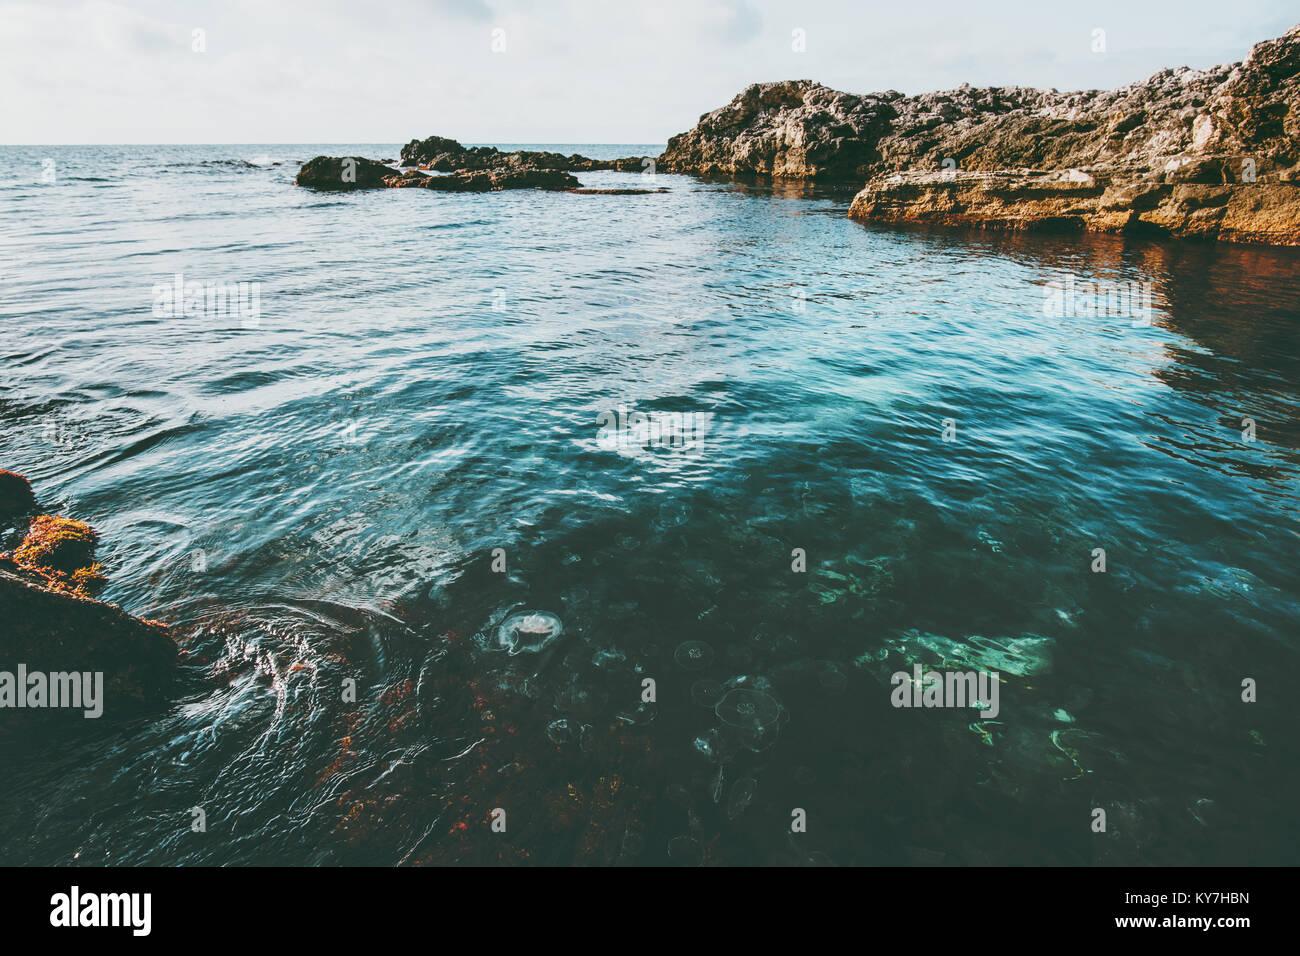 Bleu de la mer et bord de mer calme paysage rocheux pittoresque idyllique voyage vacances vue Photo Stock